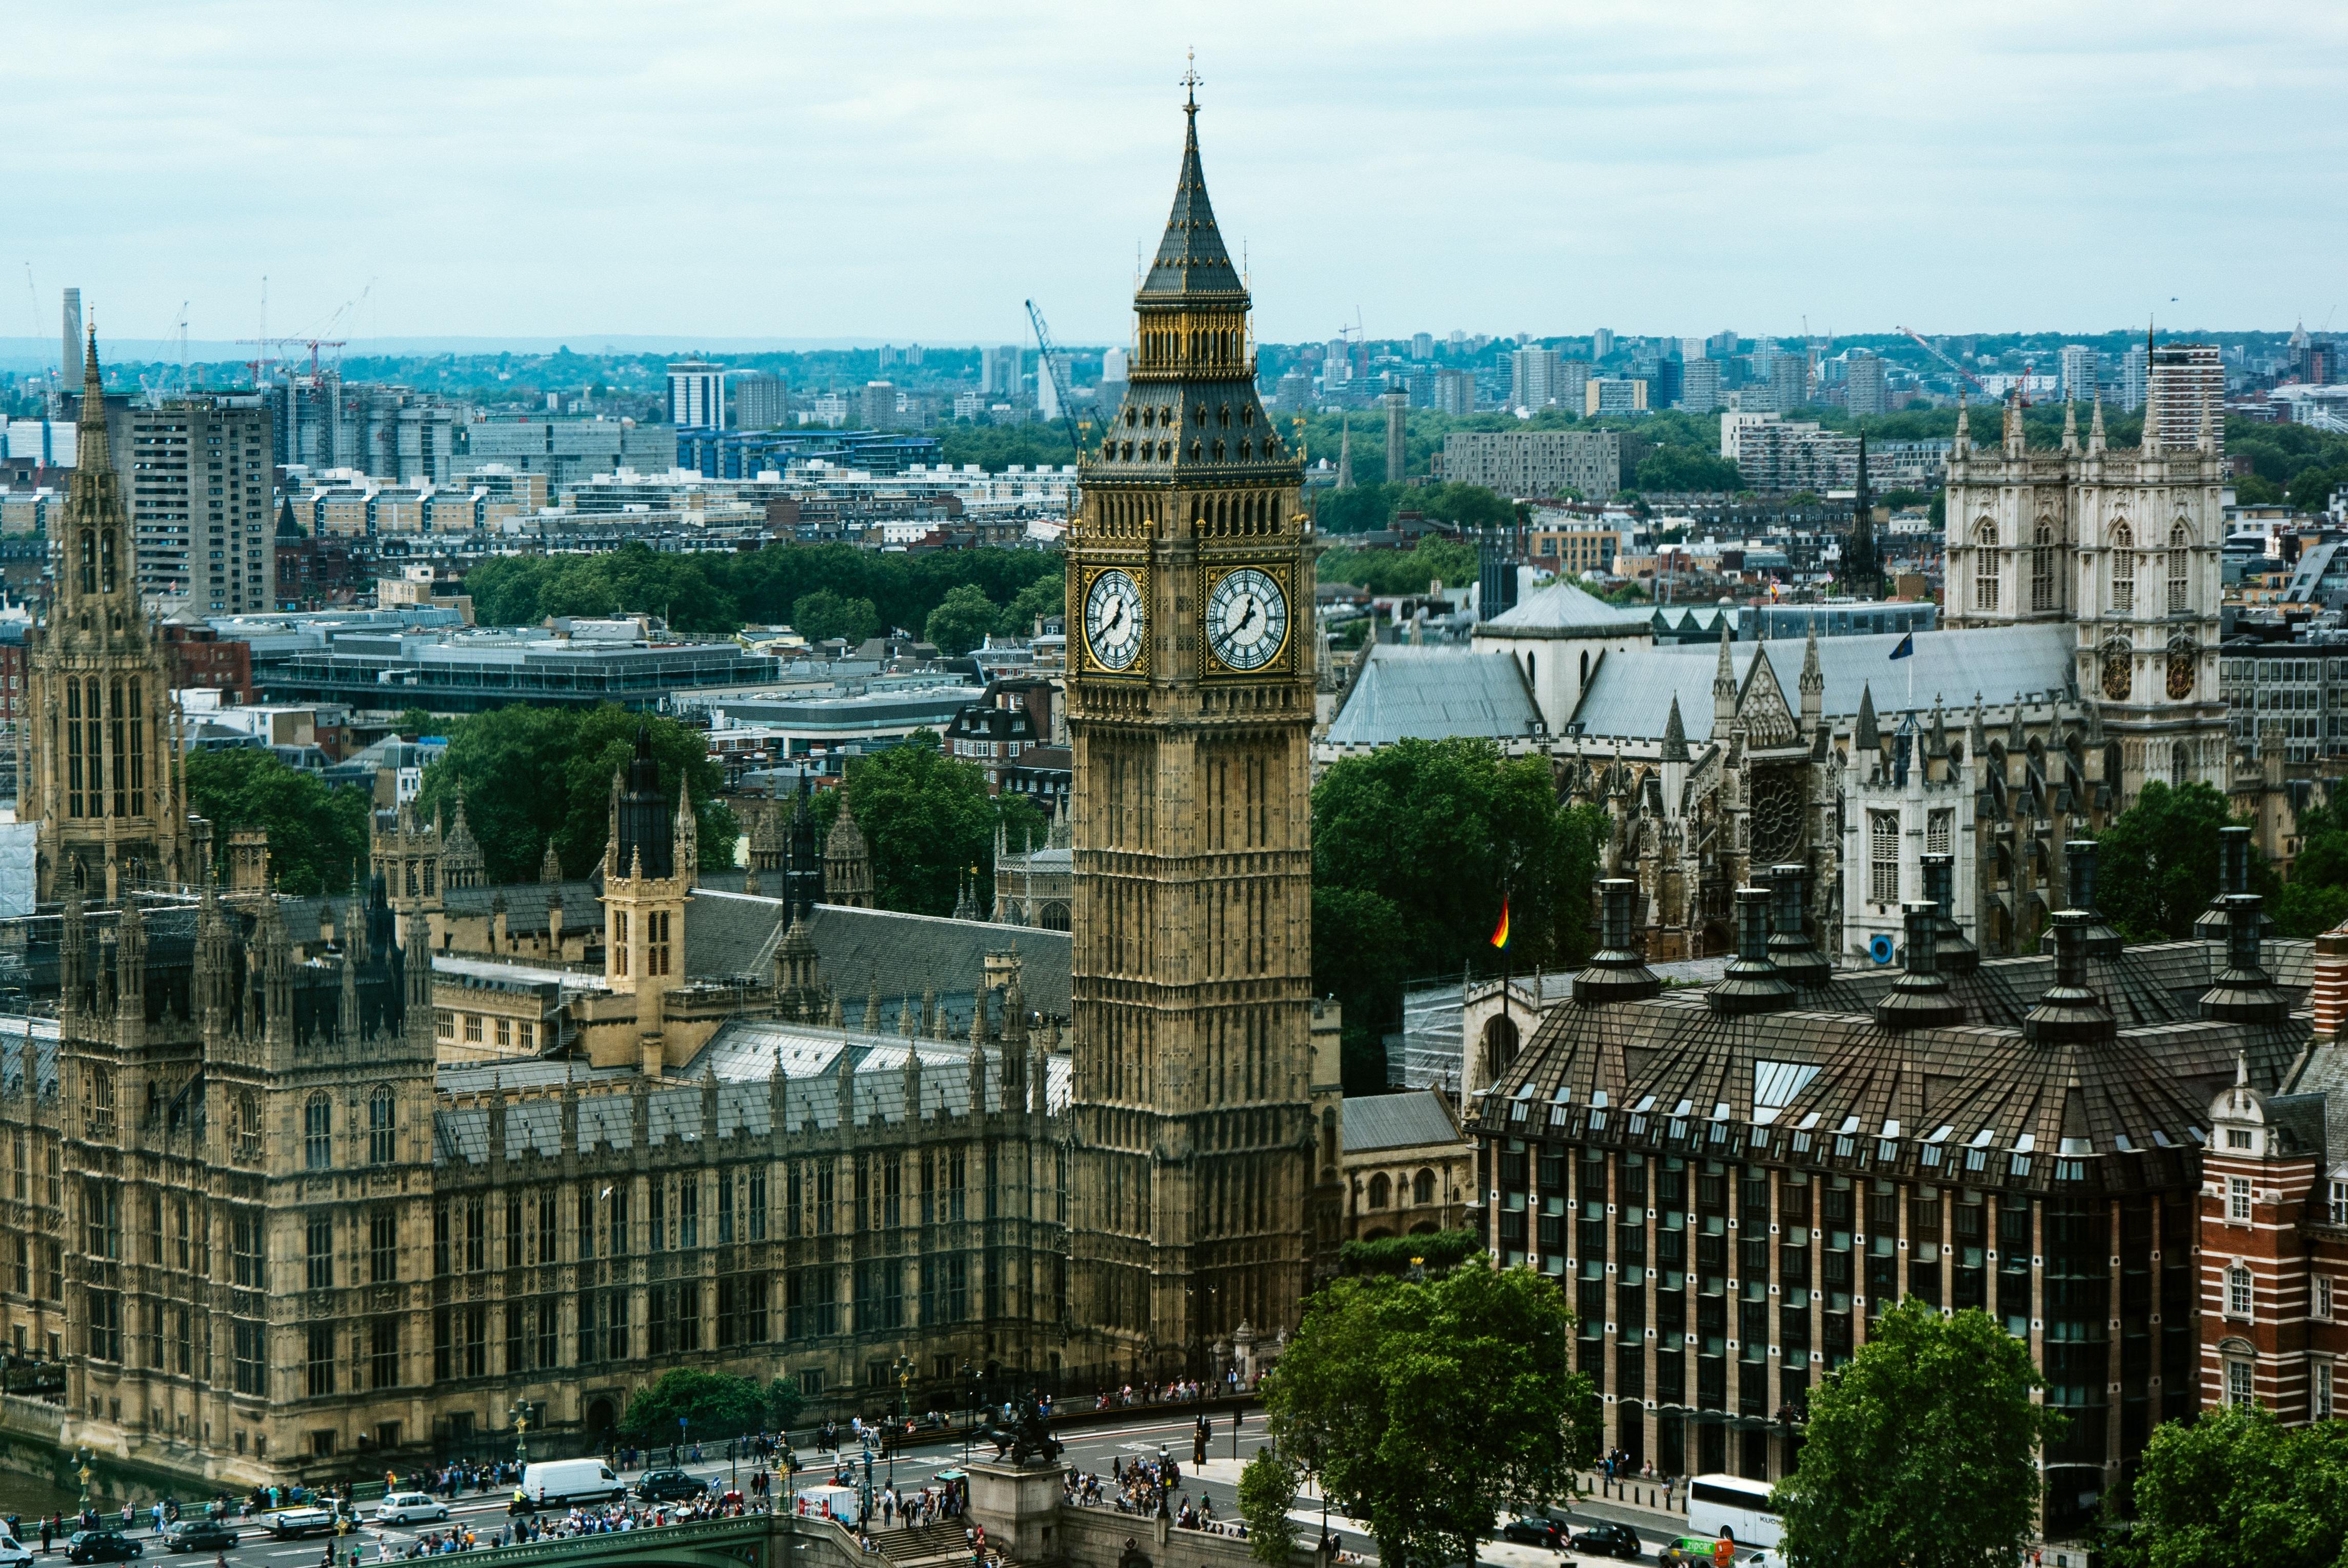 Londýn Hotely Hostely Ubytovanie Anglicko London Pass Rezervácia Po Celom Svete Lacná Nízkonákladová Cena